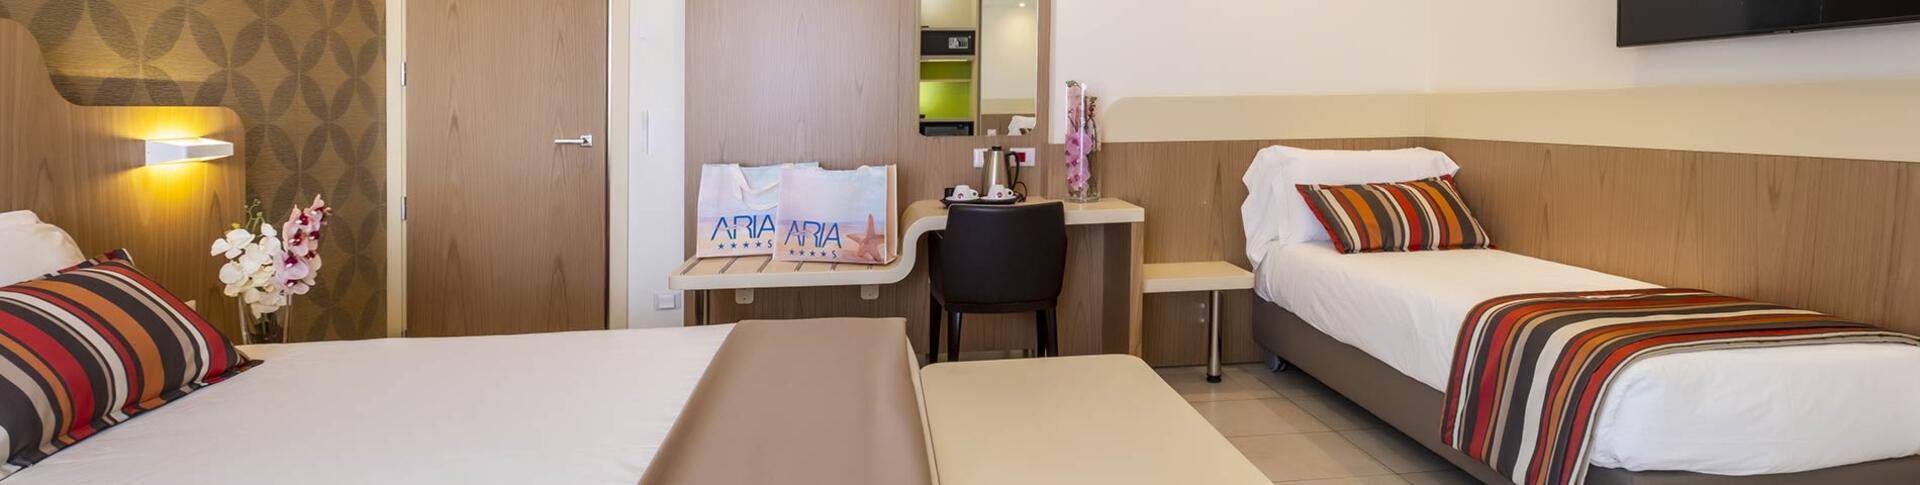 ariahotel en room-deluxe 015